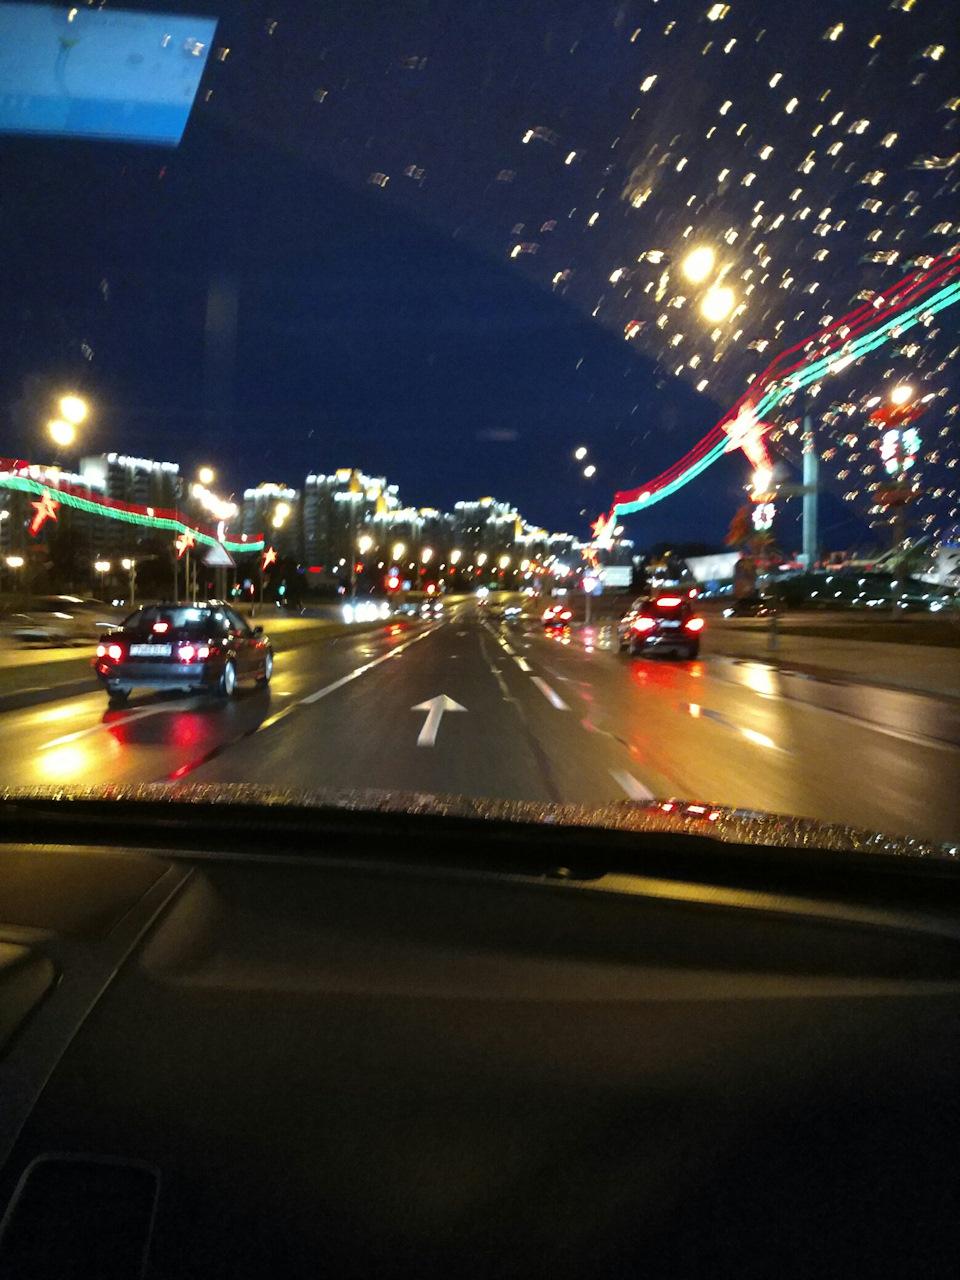 фото ночью из окна автомобиля удовольствием поздравляю надеюсь